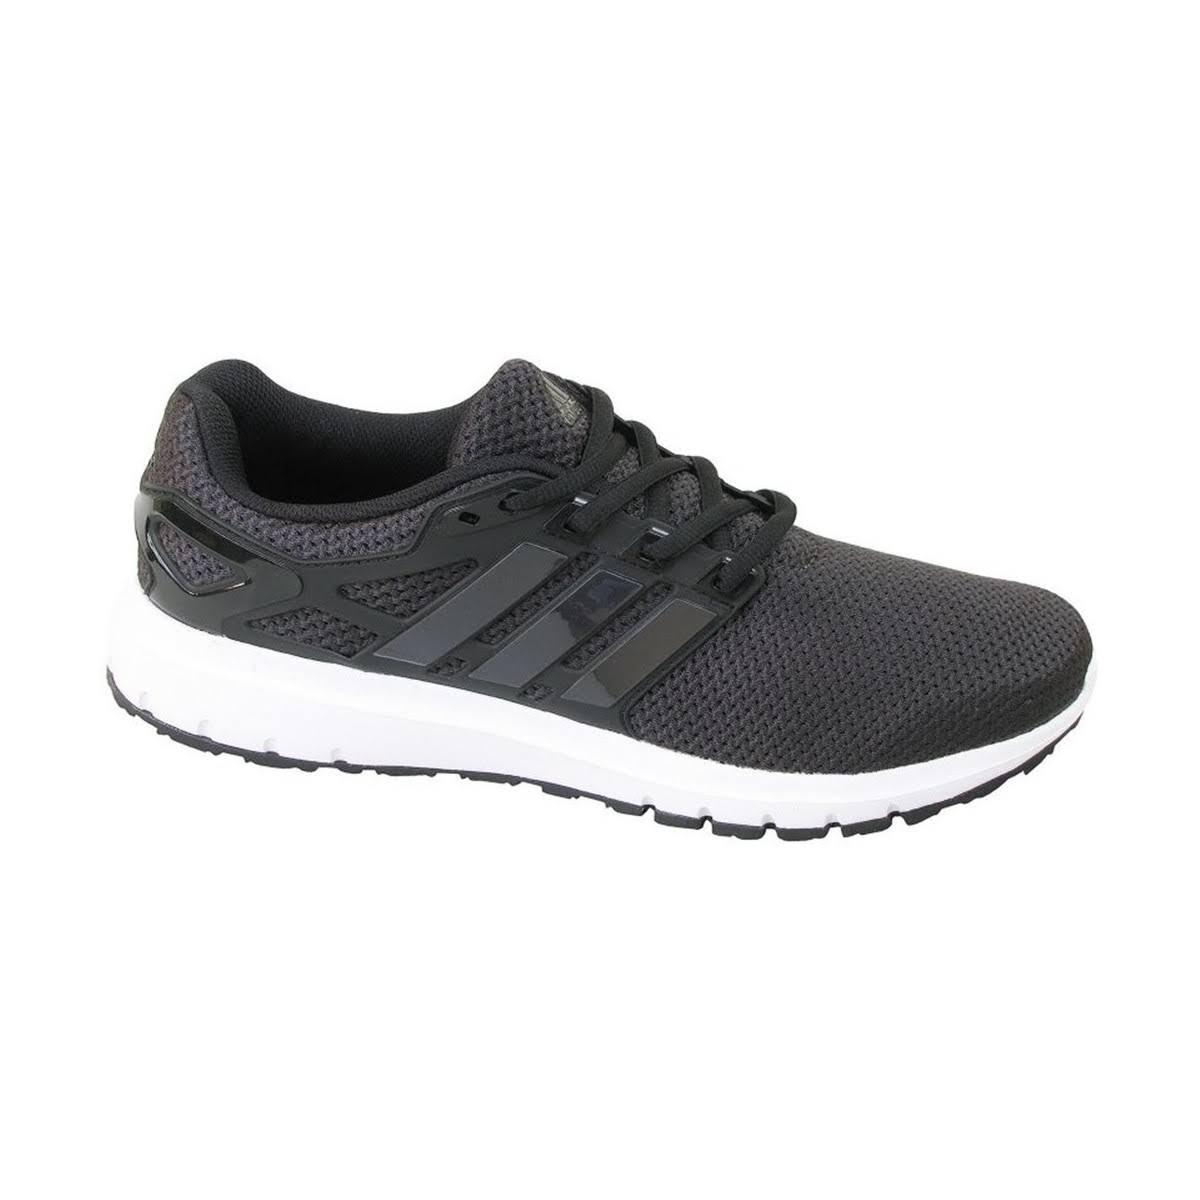 adidas Energy Cloud Wtc M Shoes (Trainers) (men)